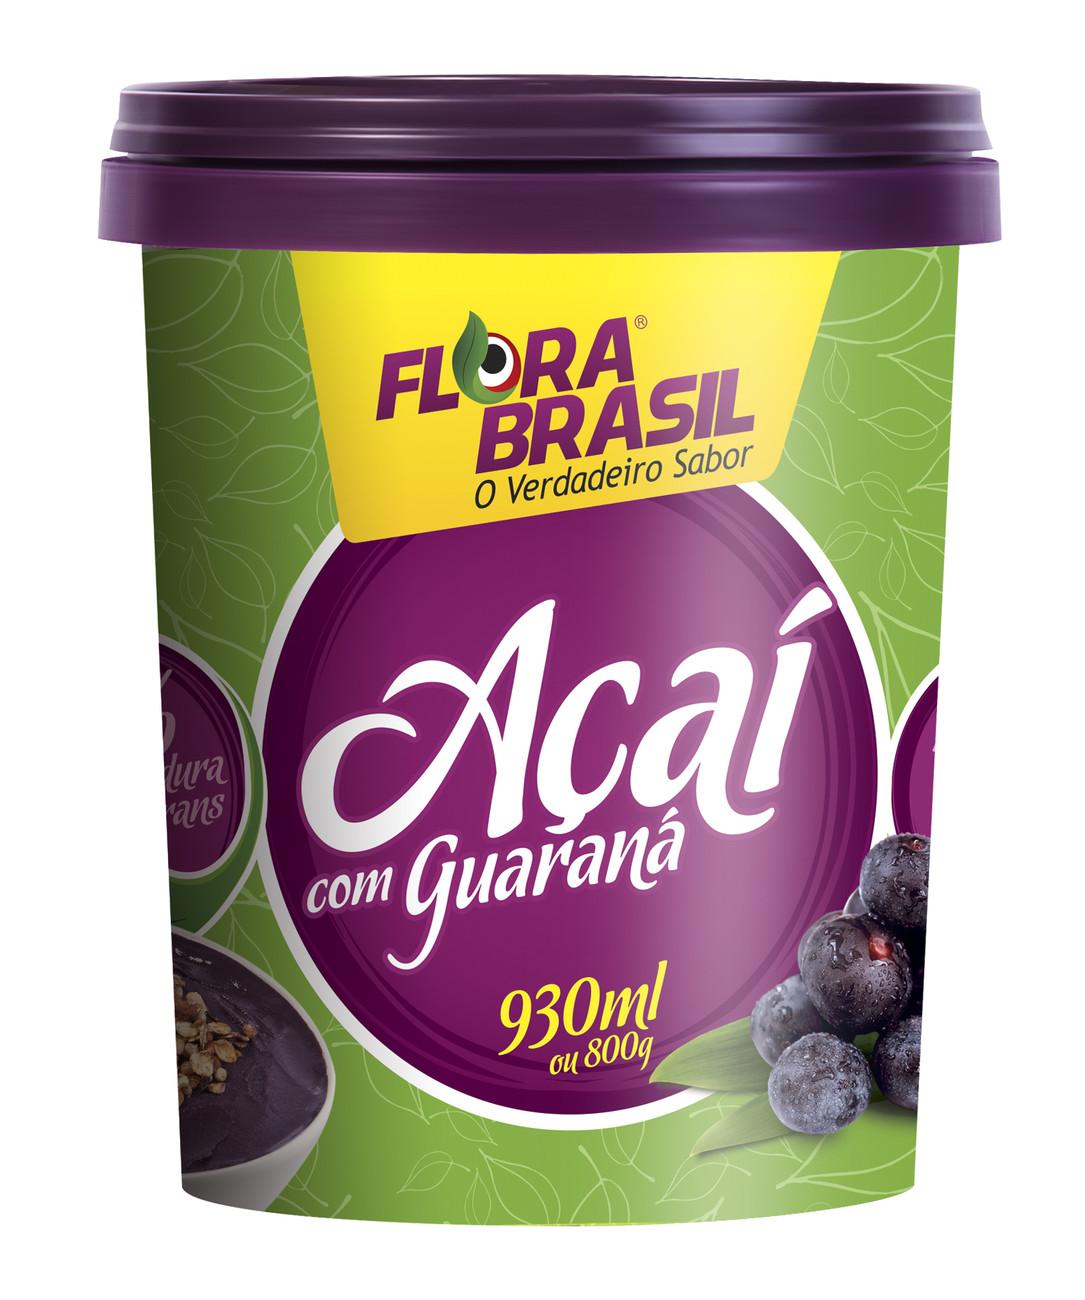 Pote embalagem Açaí Flora Brasil